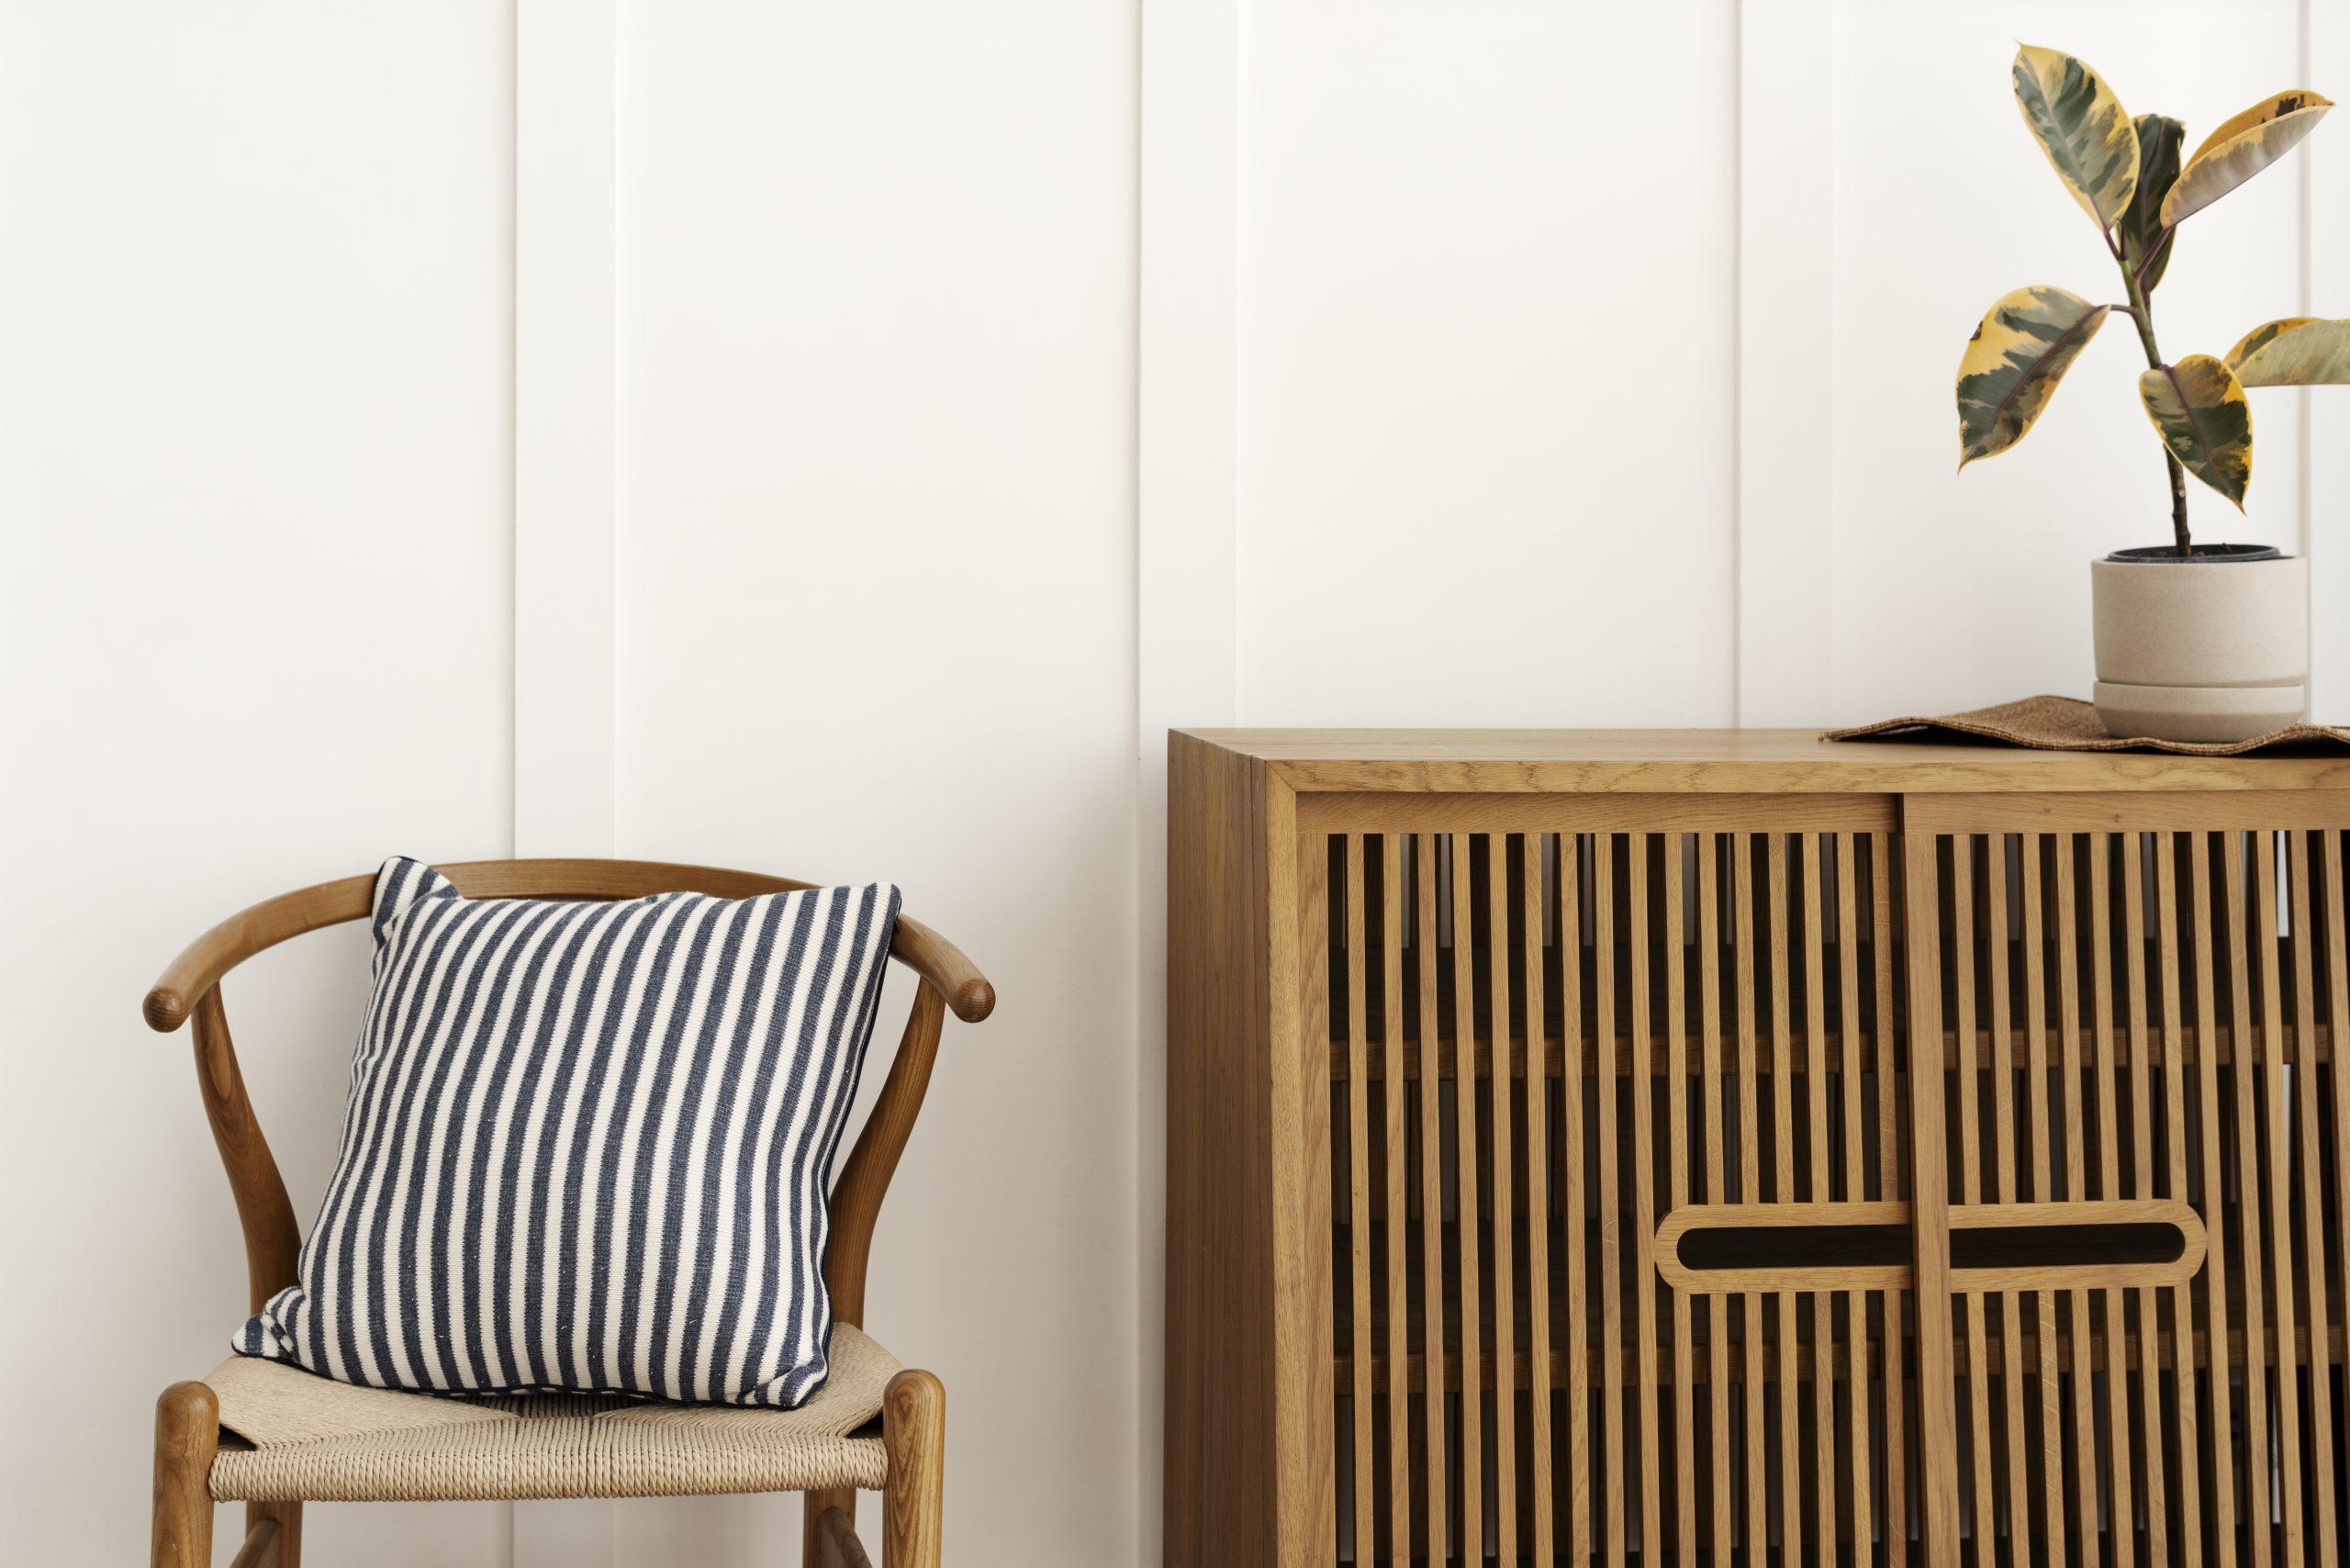 Un ambiente otoñal se puede crear con muebles de madera, decoración de cerámica y textiles como la lana o el algodón.